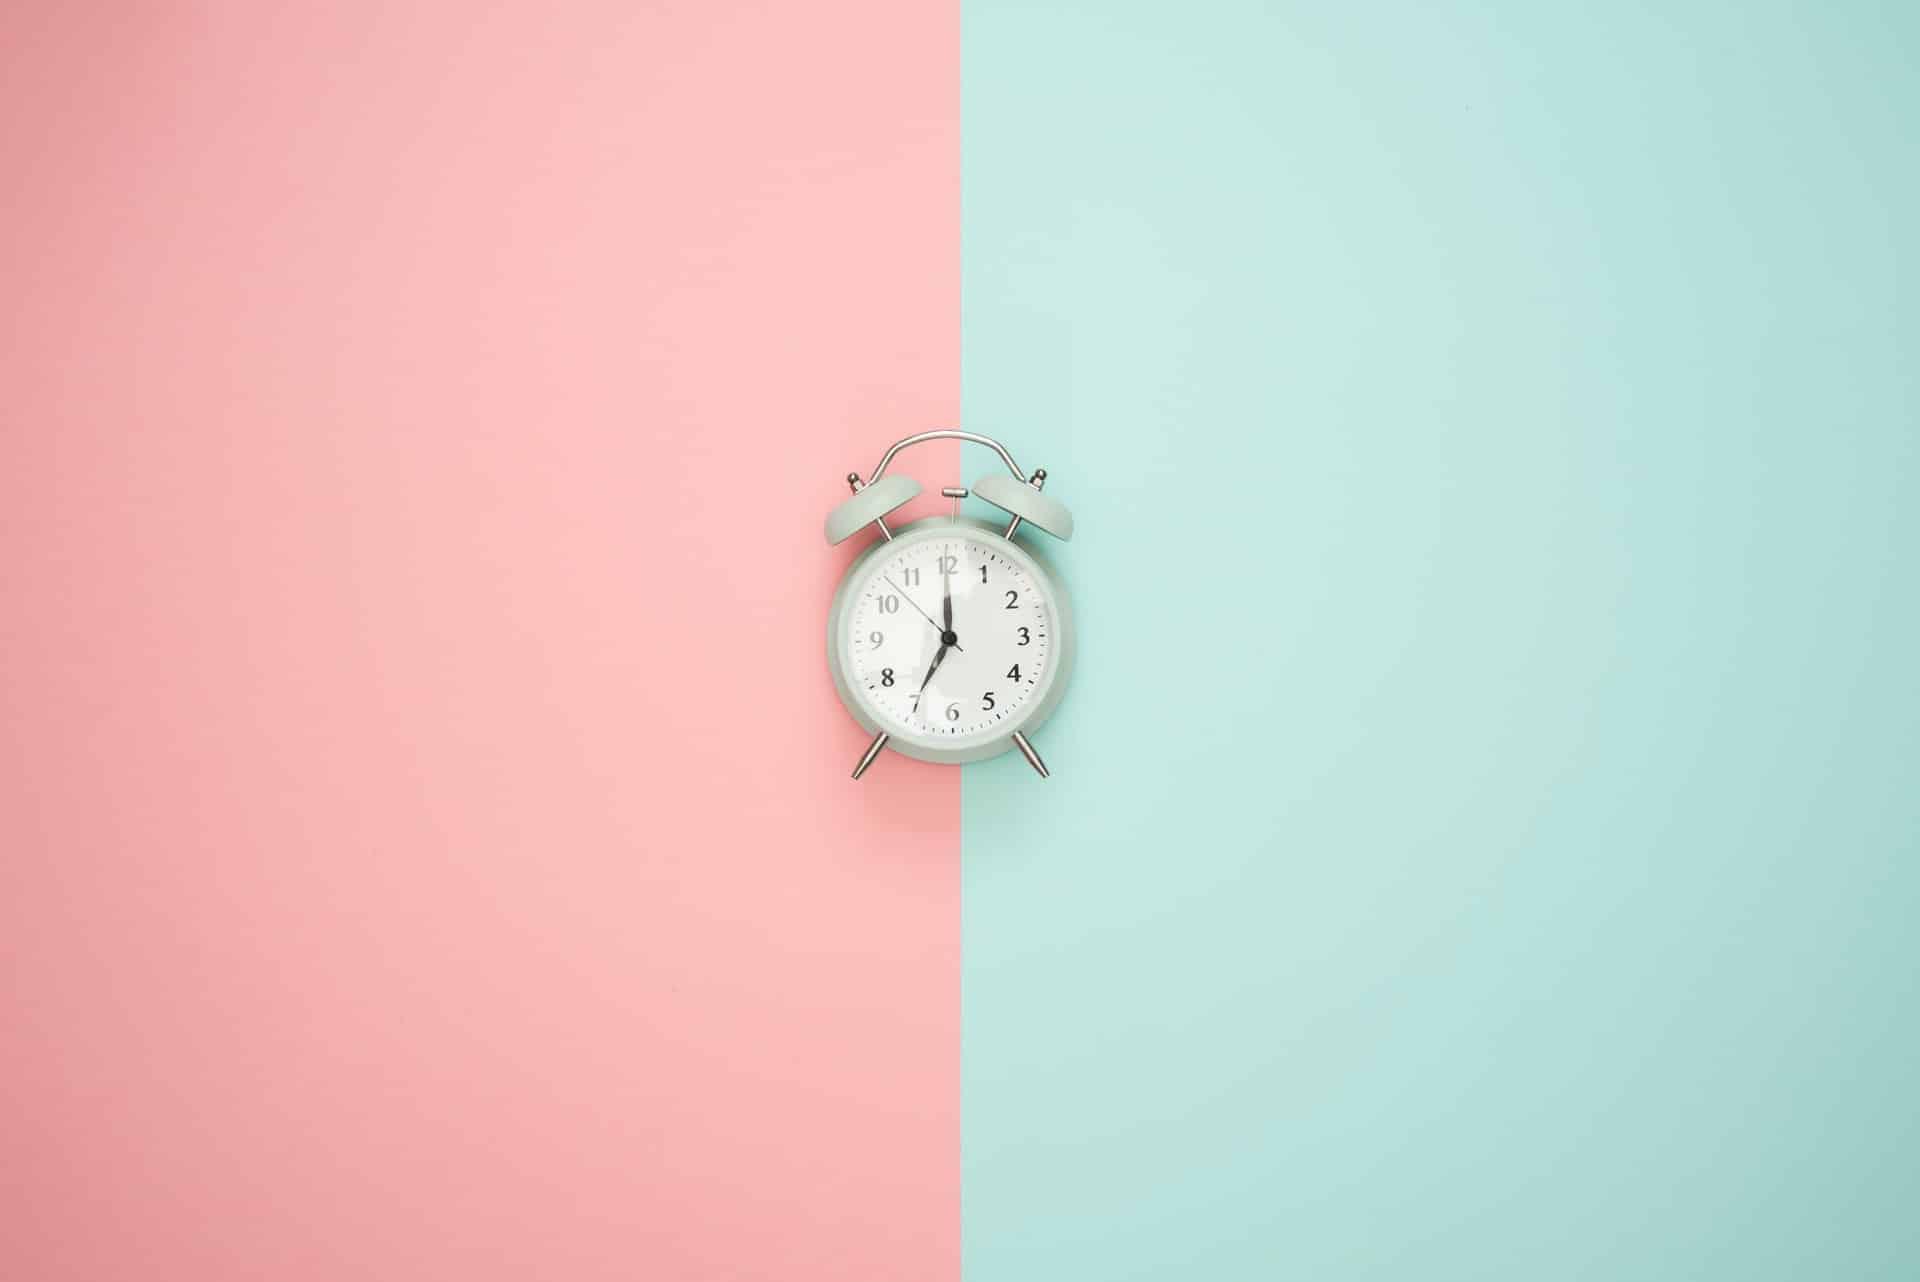 Work Time Management Header Image